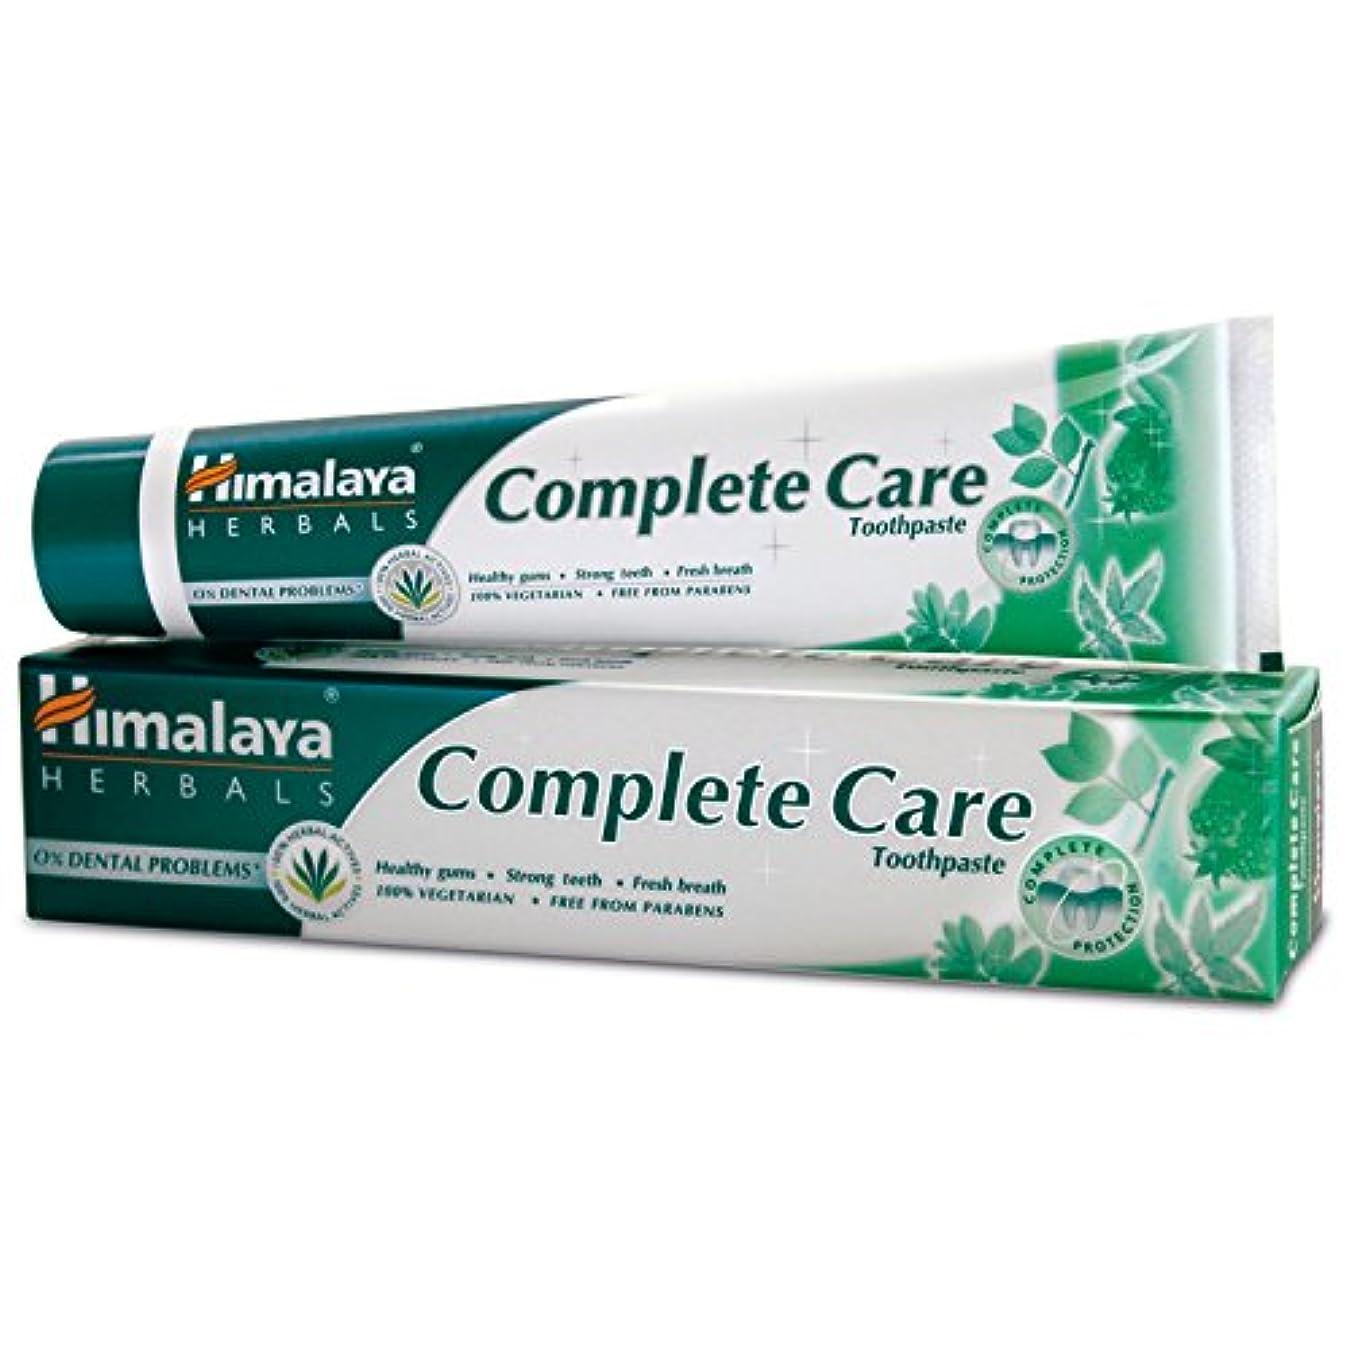 トースト名詞翻訳者Himalaya Herbals Complete Care toothpaste 80 g